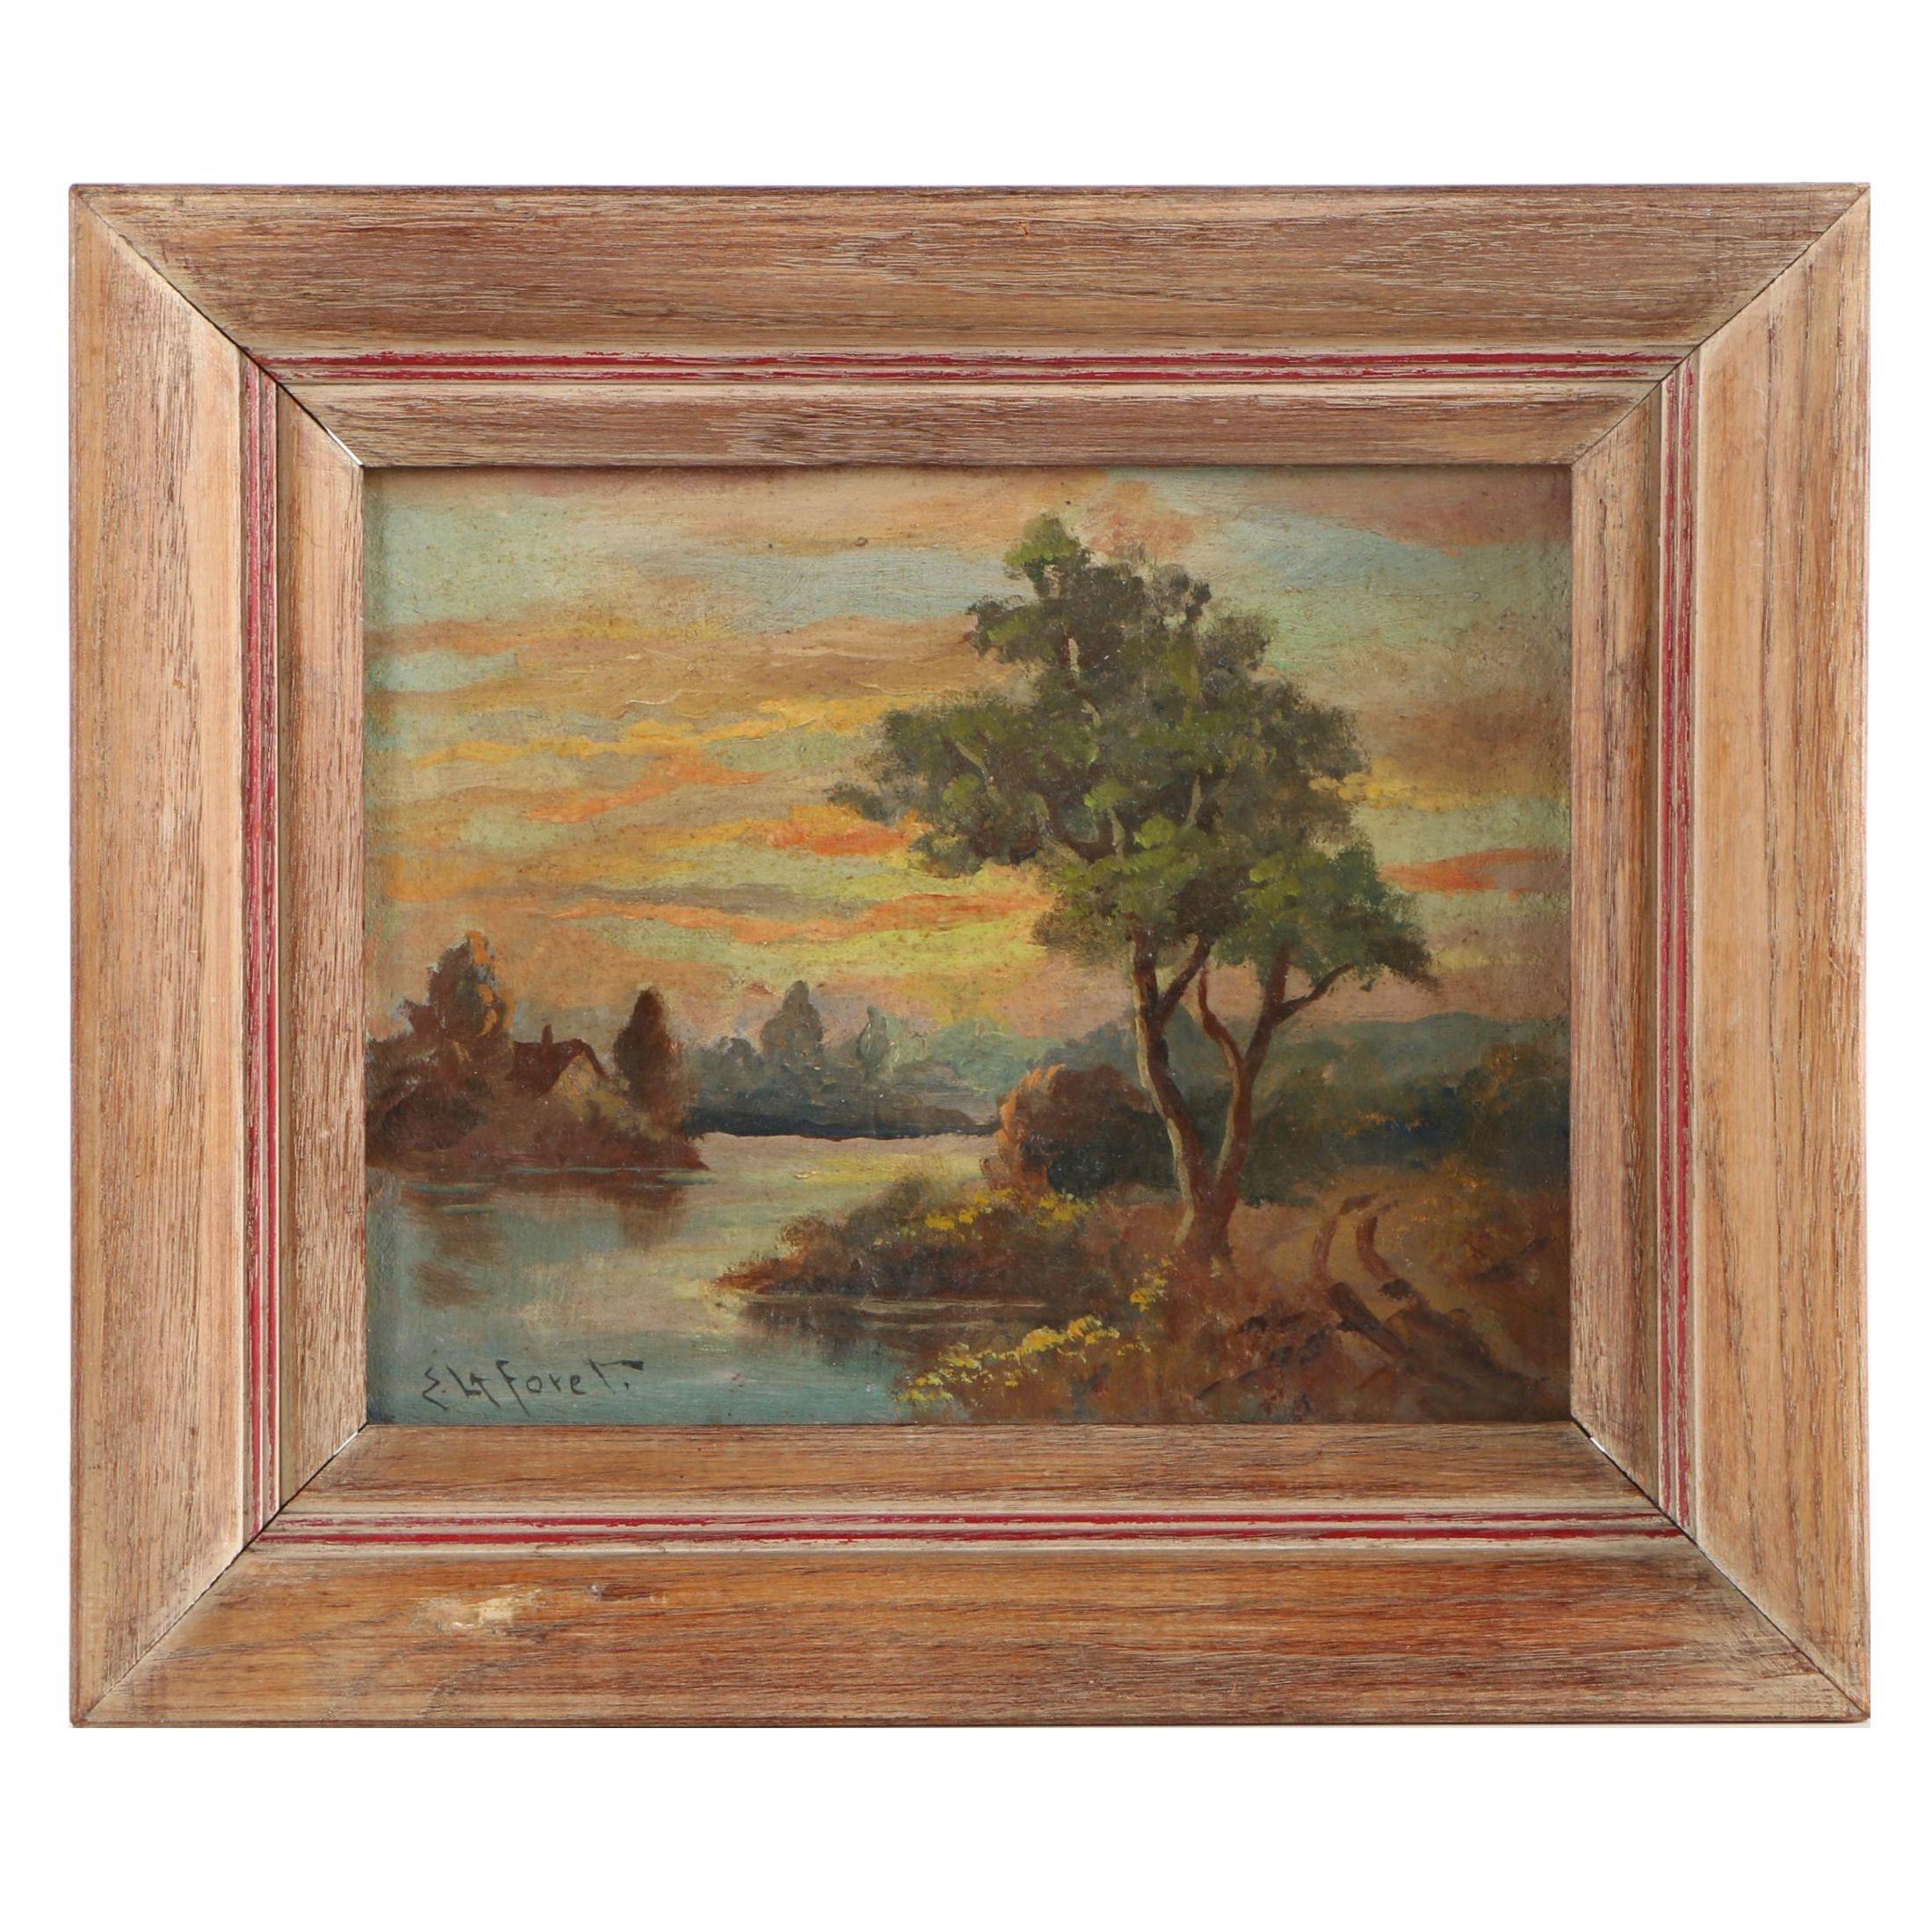 Eugene LaForet Oil Painting of Lake Scene